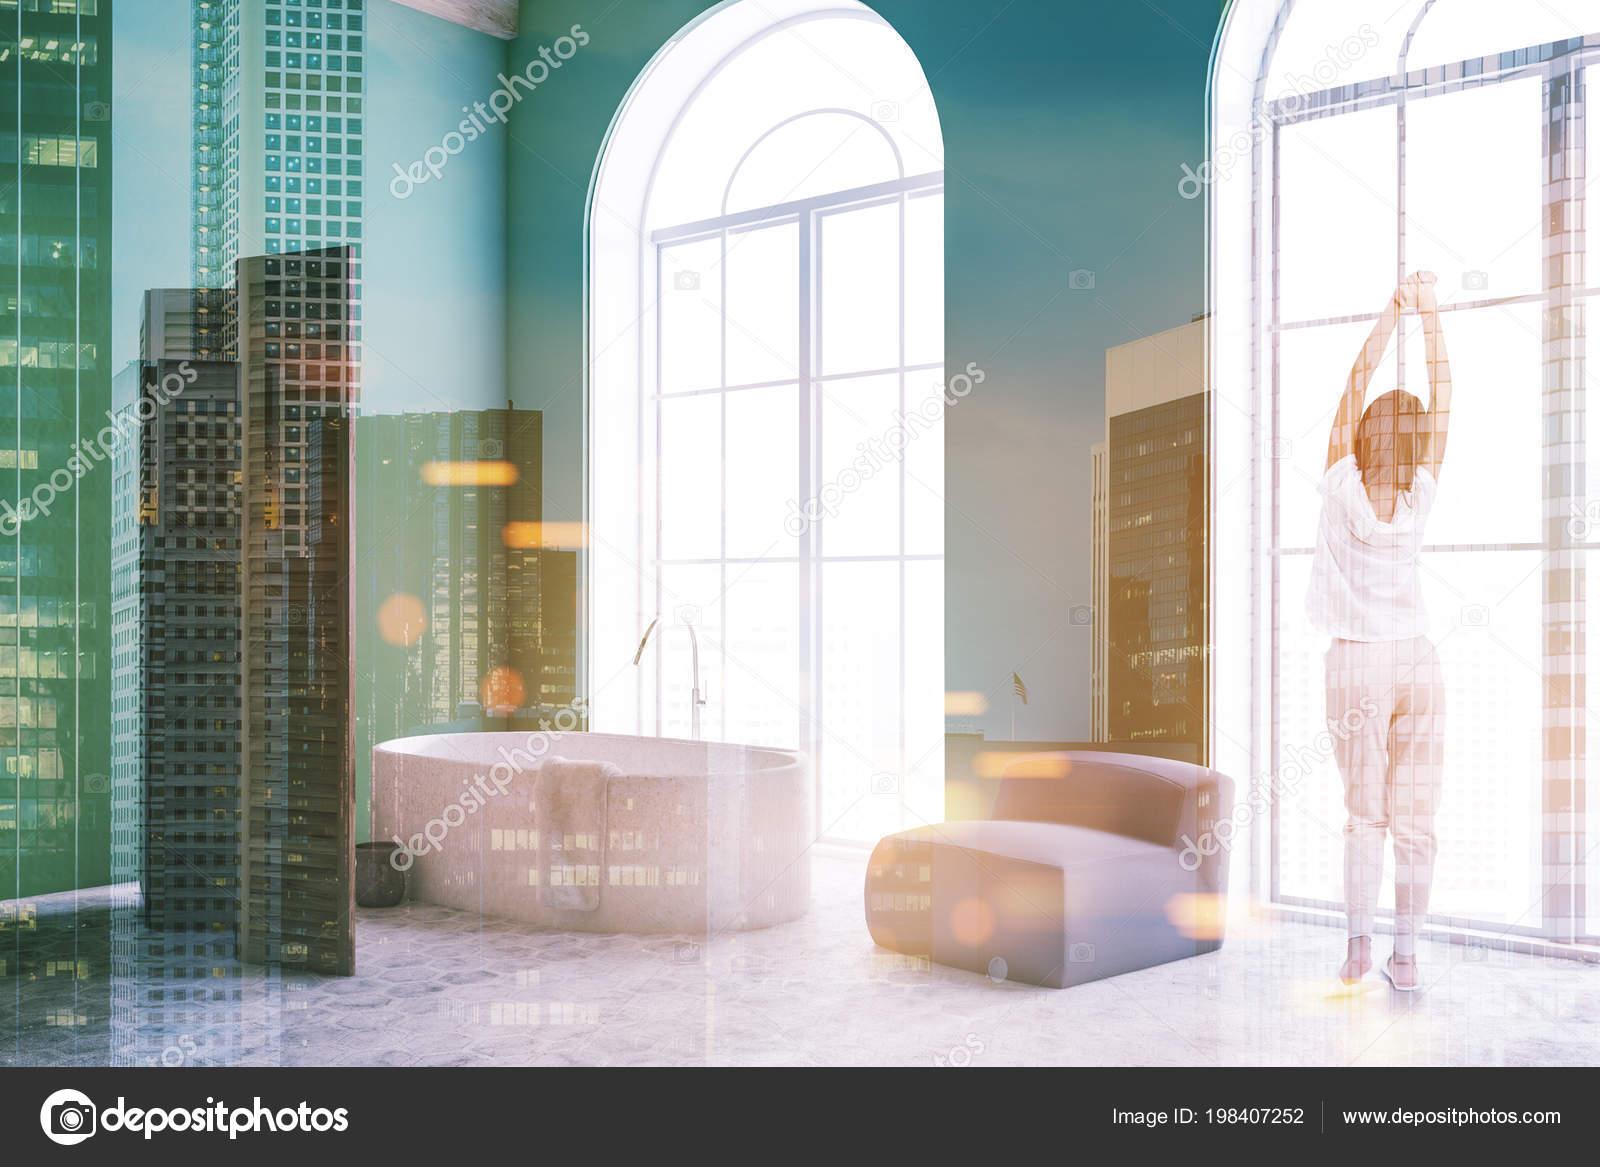 Vasca Da Lavare In Cemento : Donna interiore stanza bagno lusso verde con pavimento cemento una